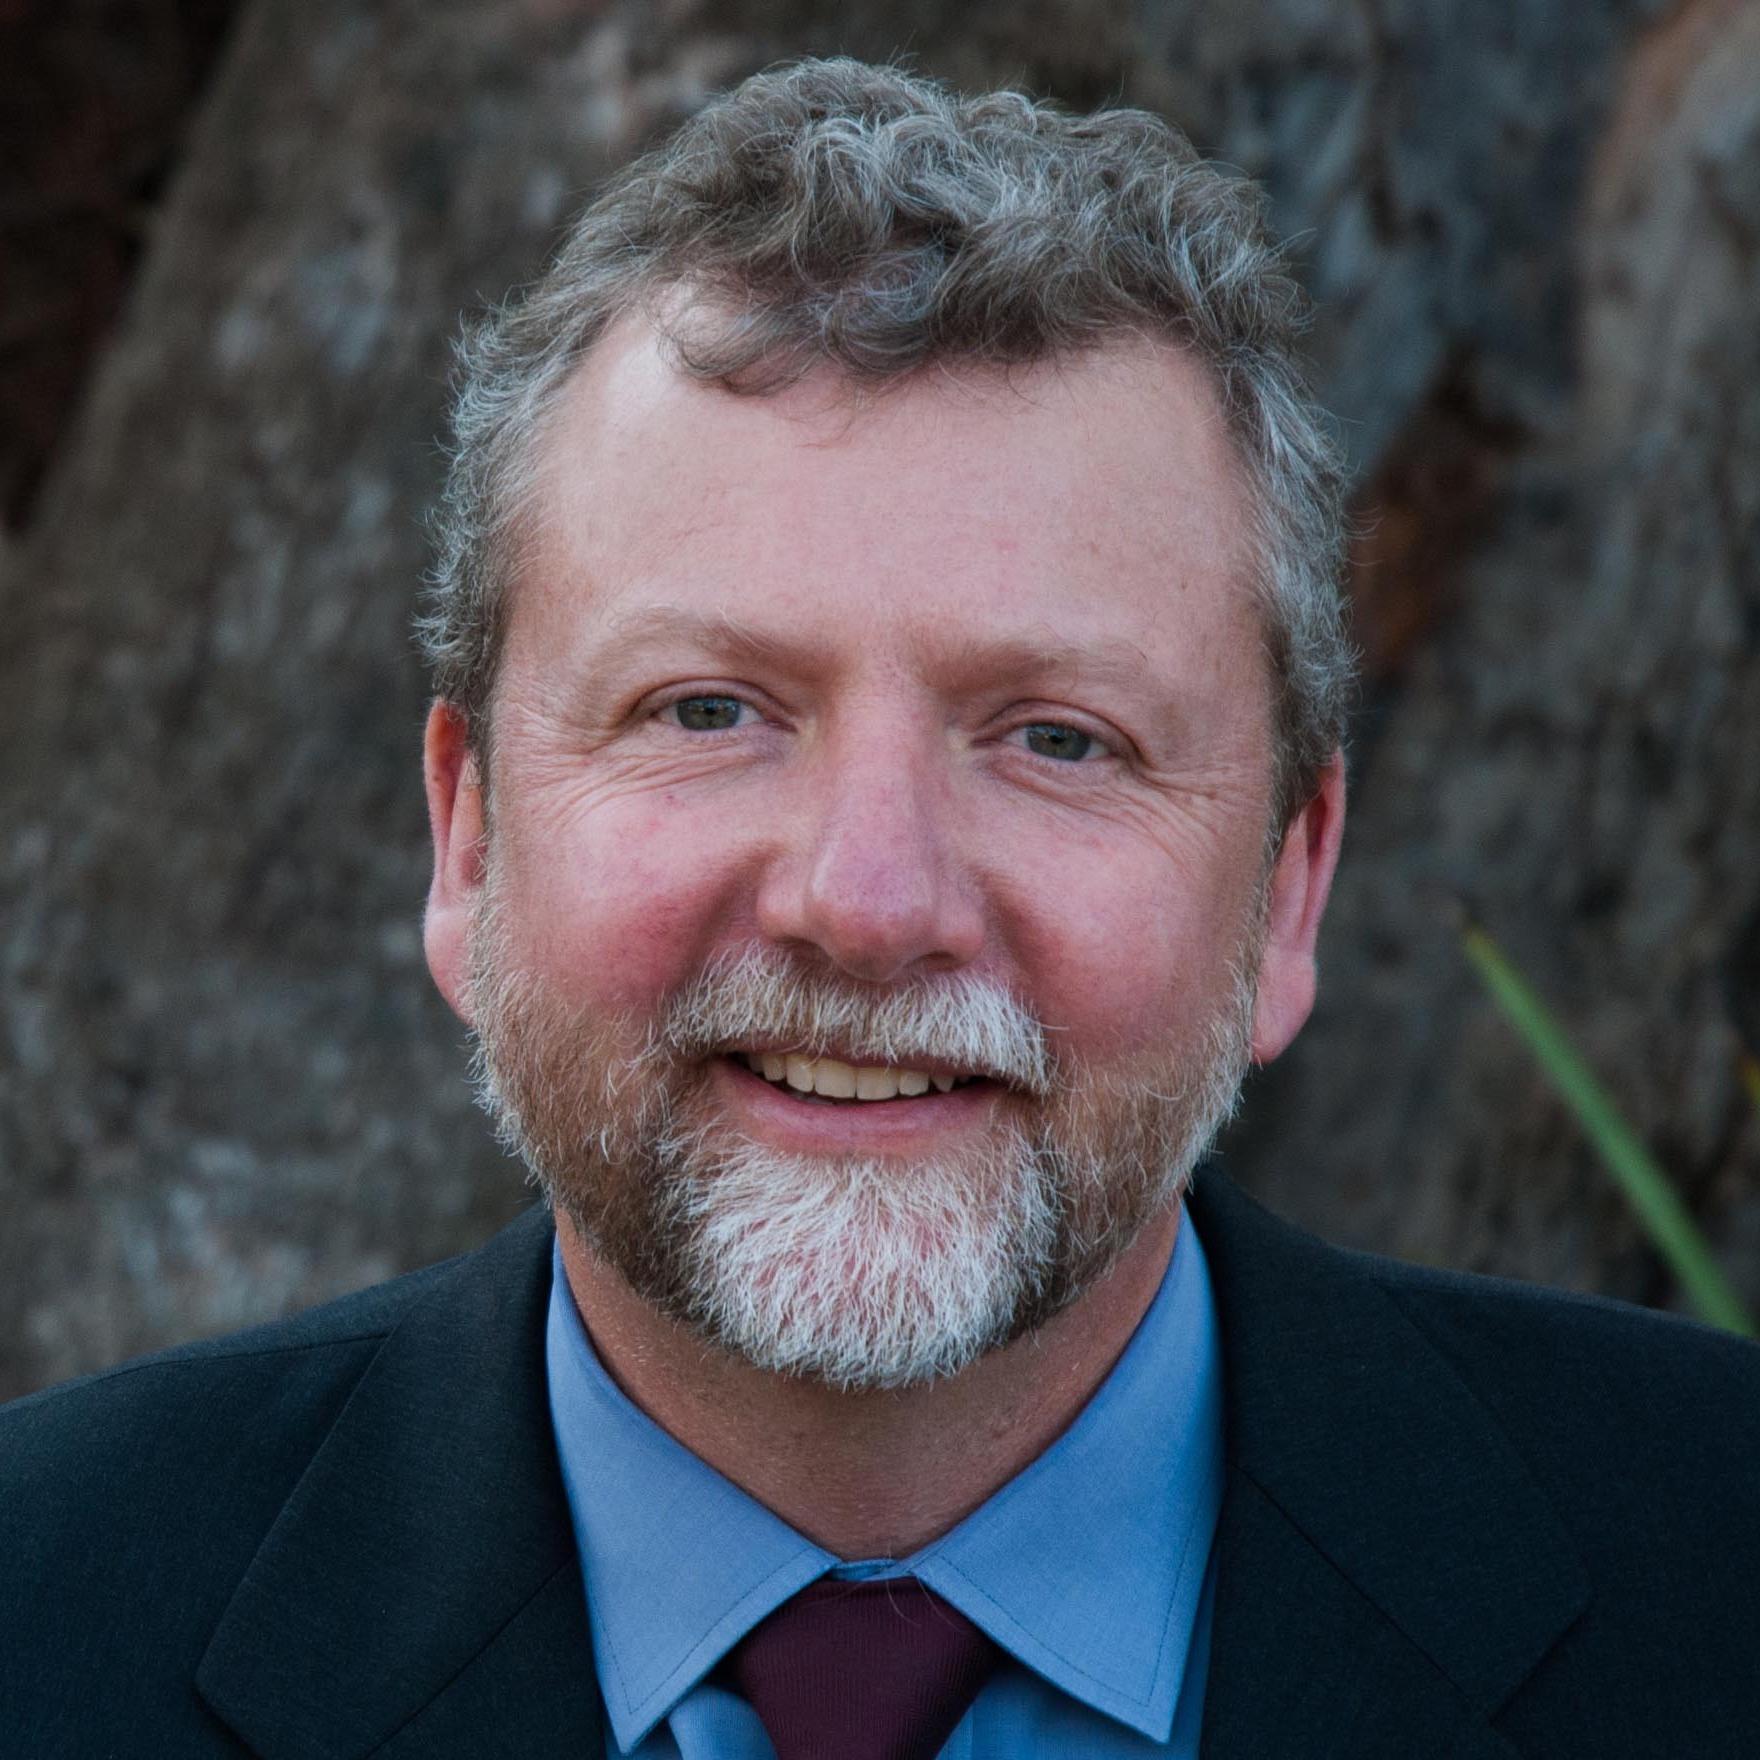 Dr. Paul Atkins